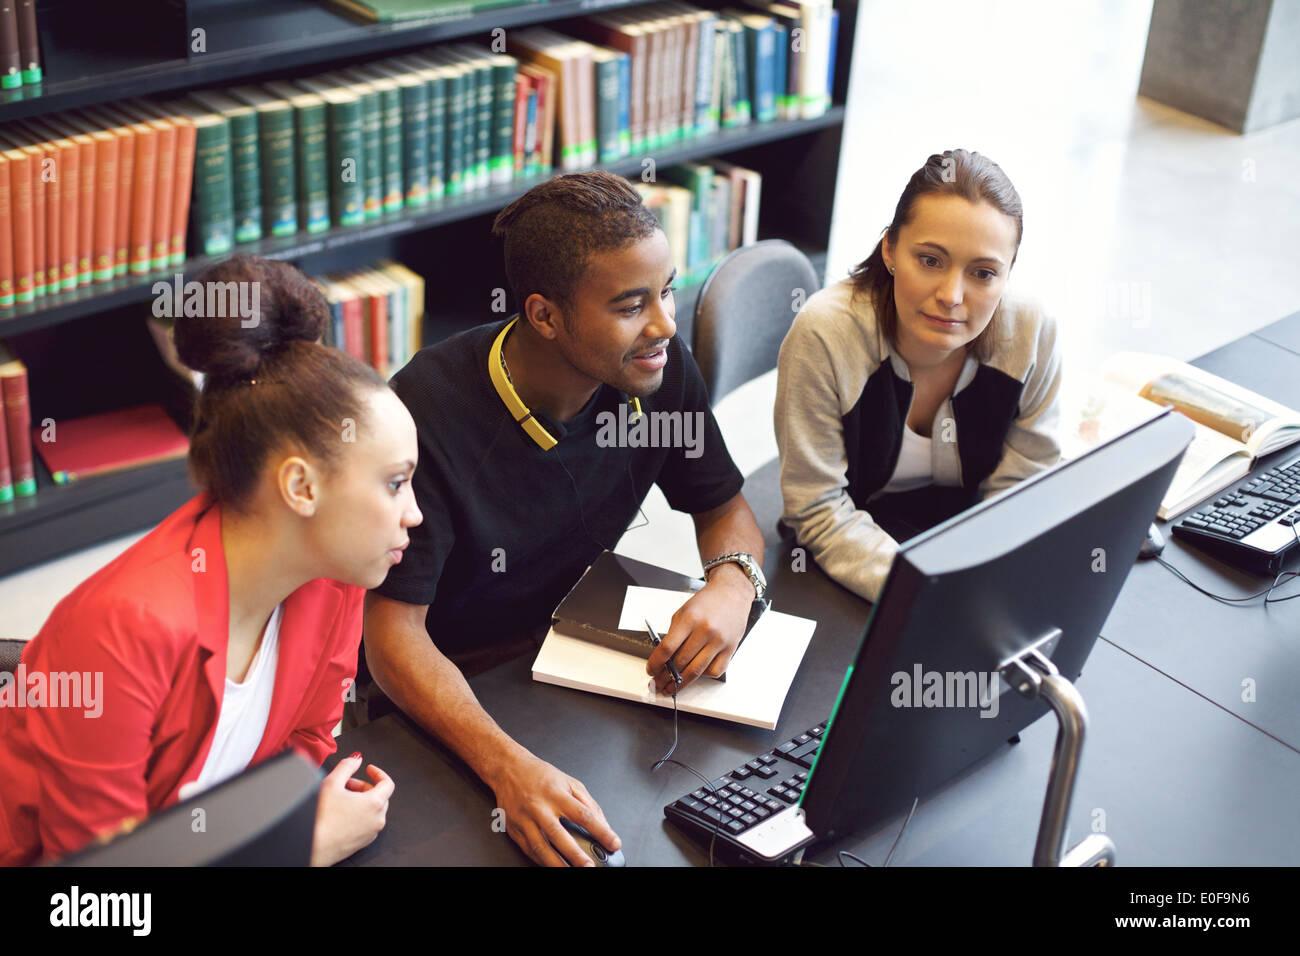 Drei junge Studenten studieren in Bibliothek mit Computer. Junge Leute sitzen am Tisch mit Büchern, die Suche Stockbild